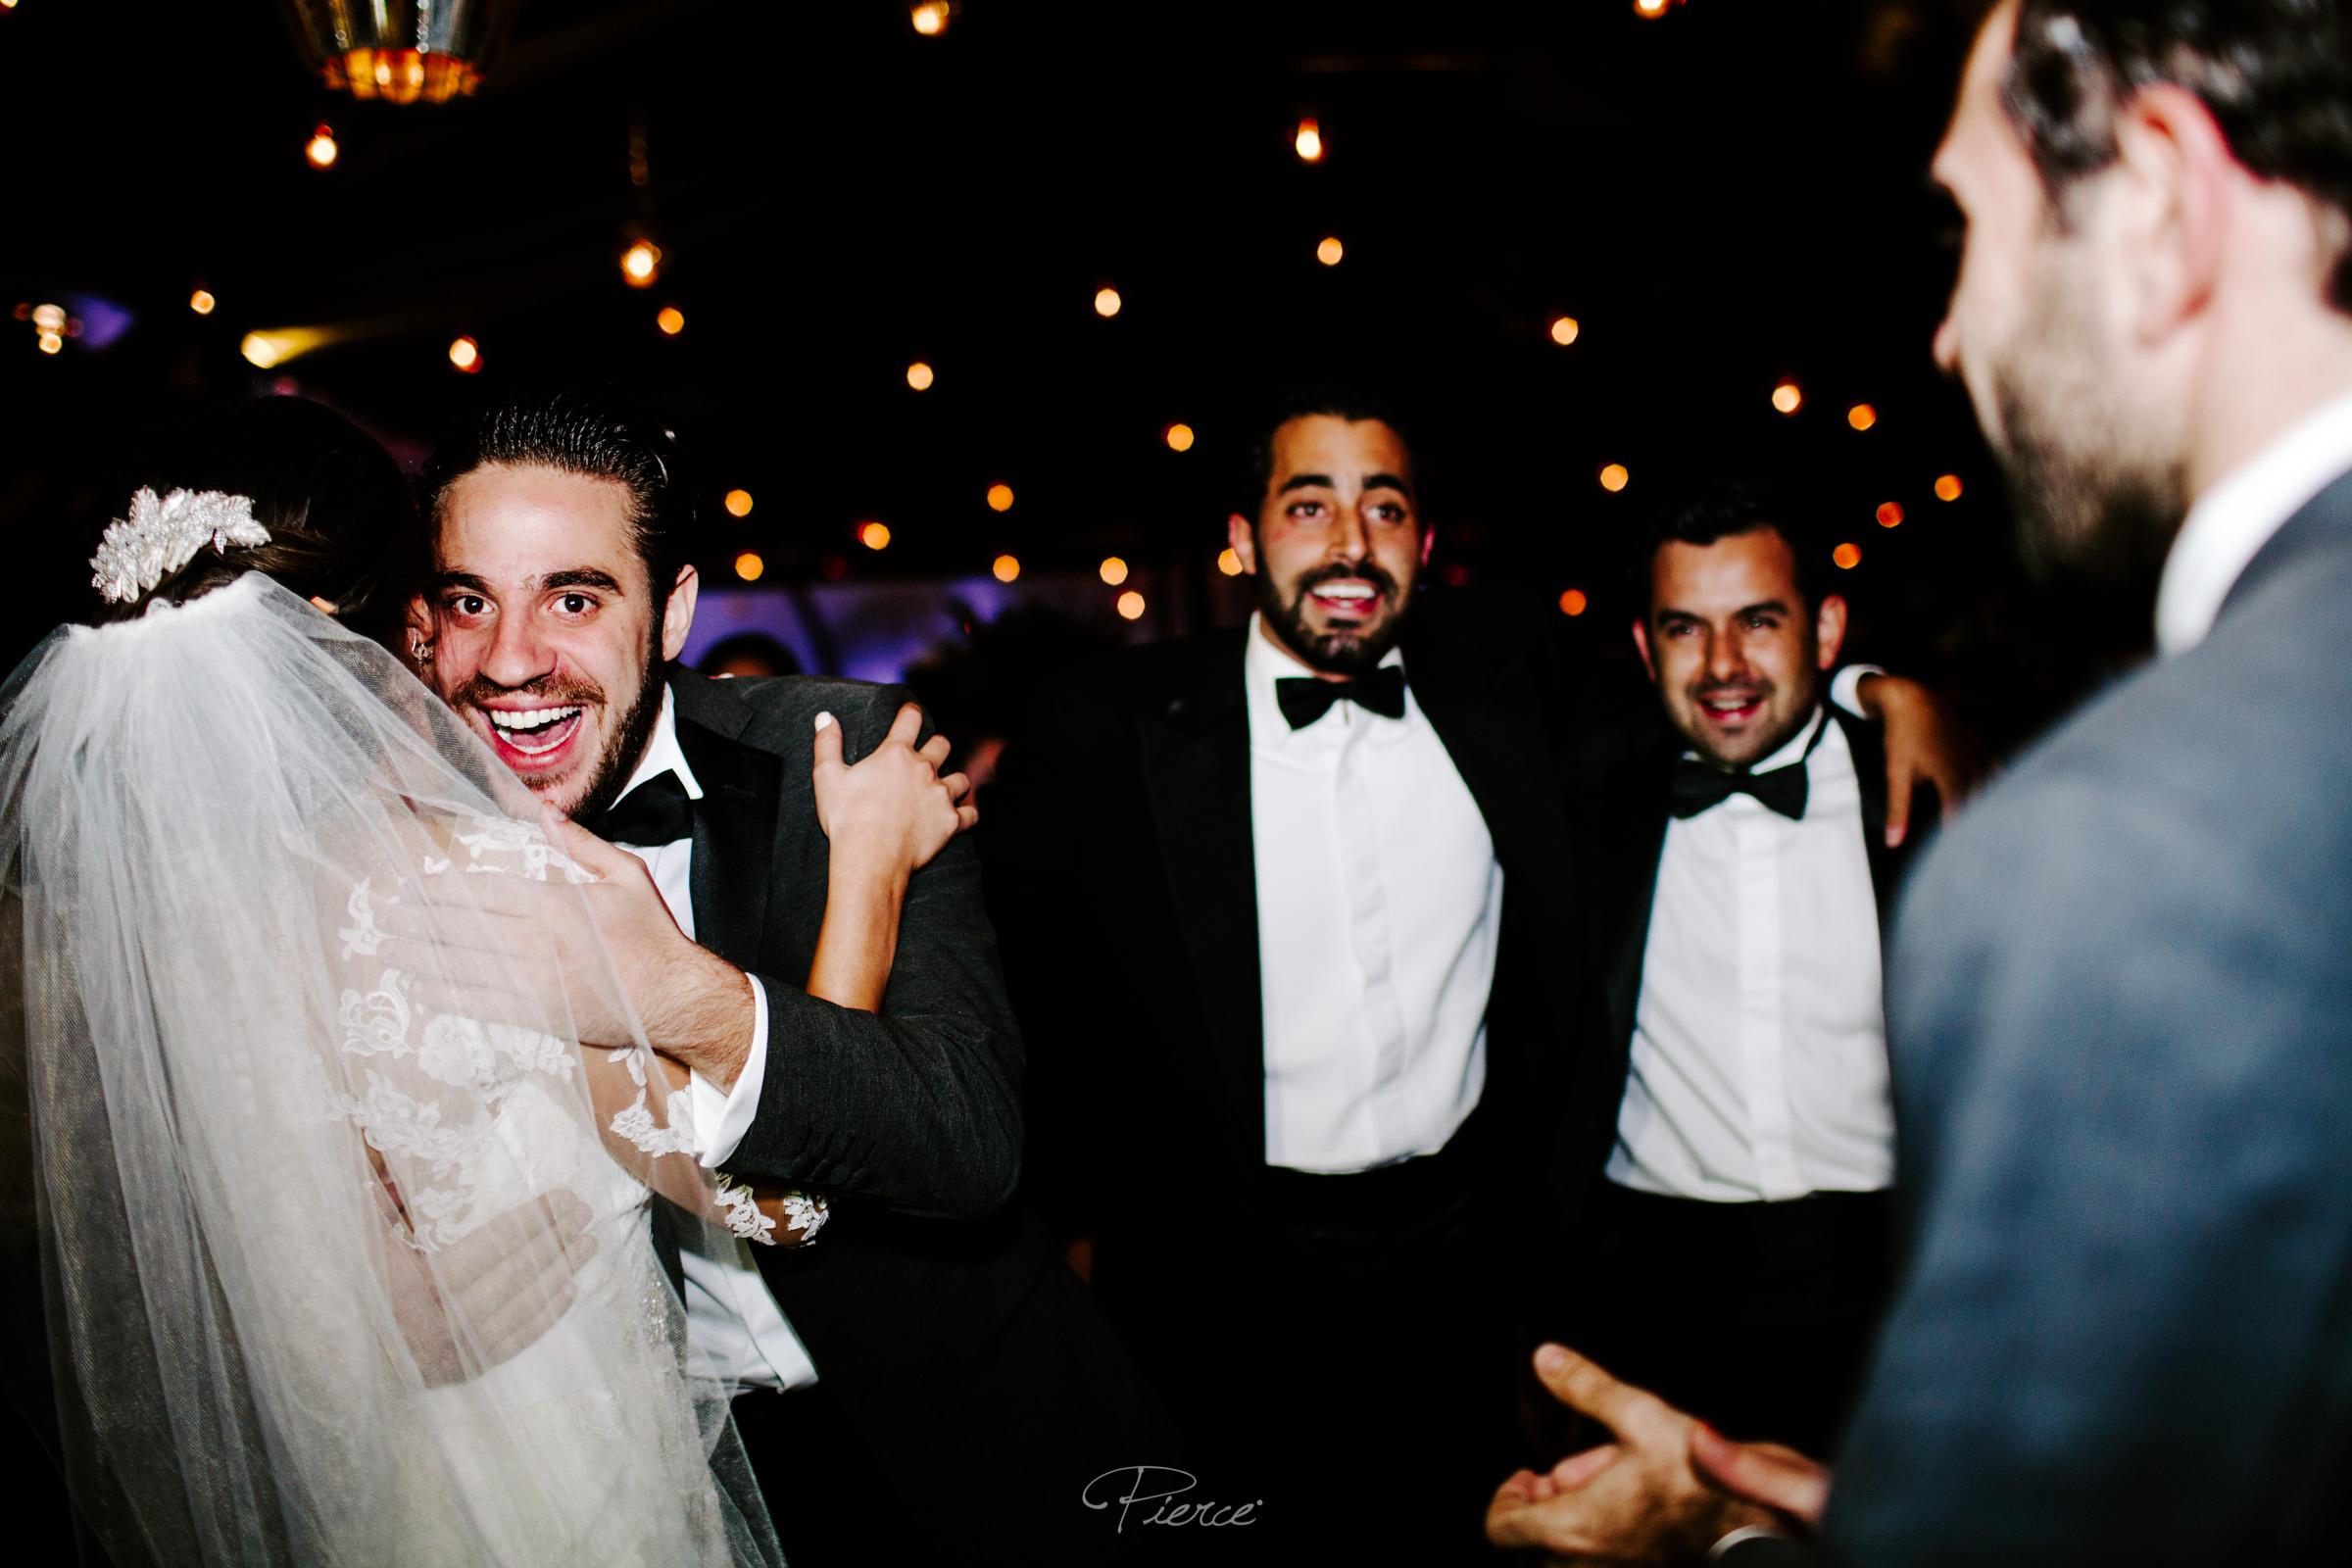 fotografia-de-boda-valle-de-bravo-mexico-rosmarino-pierce-weddings-0187.JPG